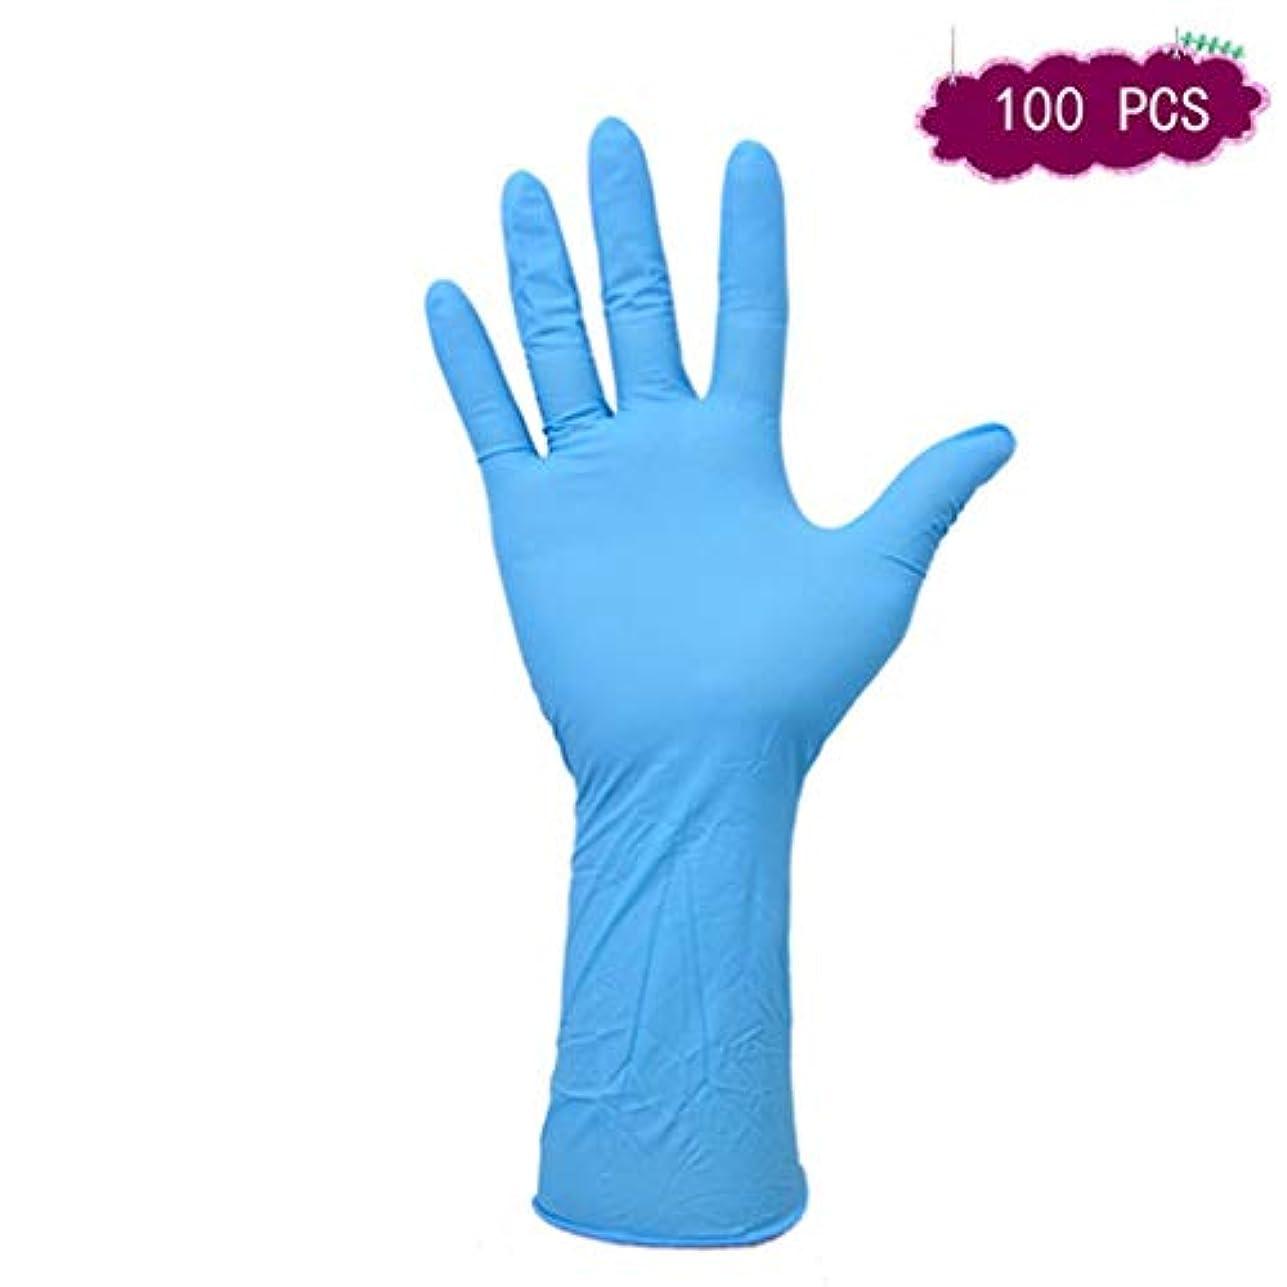 してはいけません慢性的くすぐったい使い捨てラテックス手袋ニトリル9インチ耐油9インチのゴム労働者保護の食器用実験室スキッド手袋なしパウダー (Color : 9 inch, Size : S)